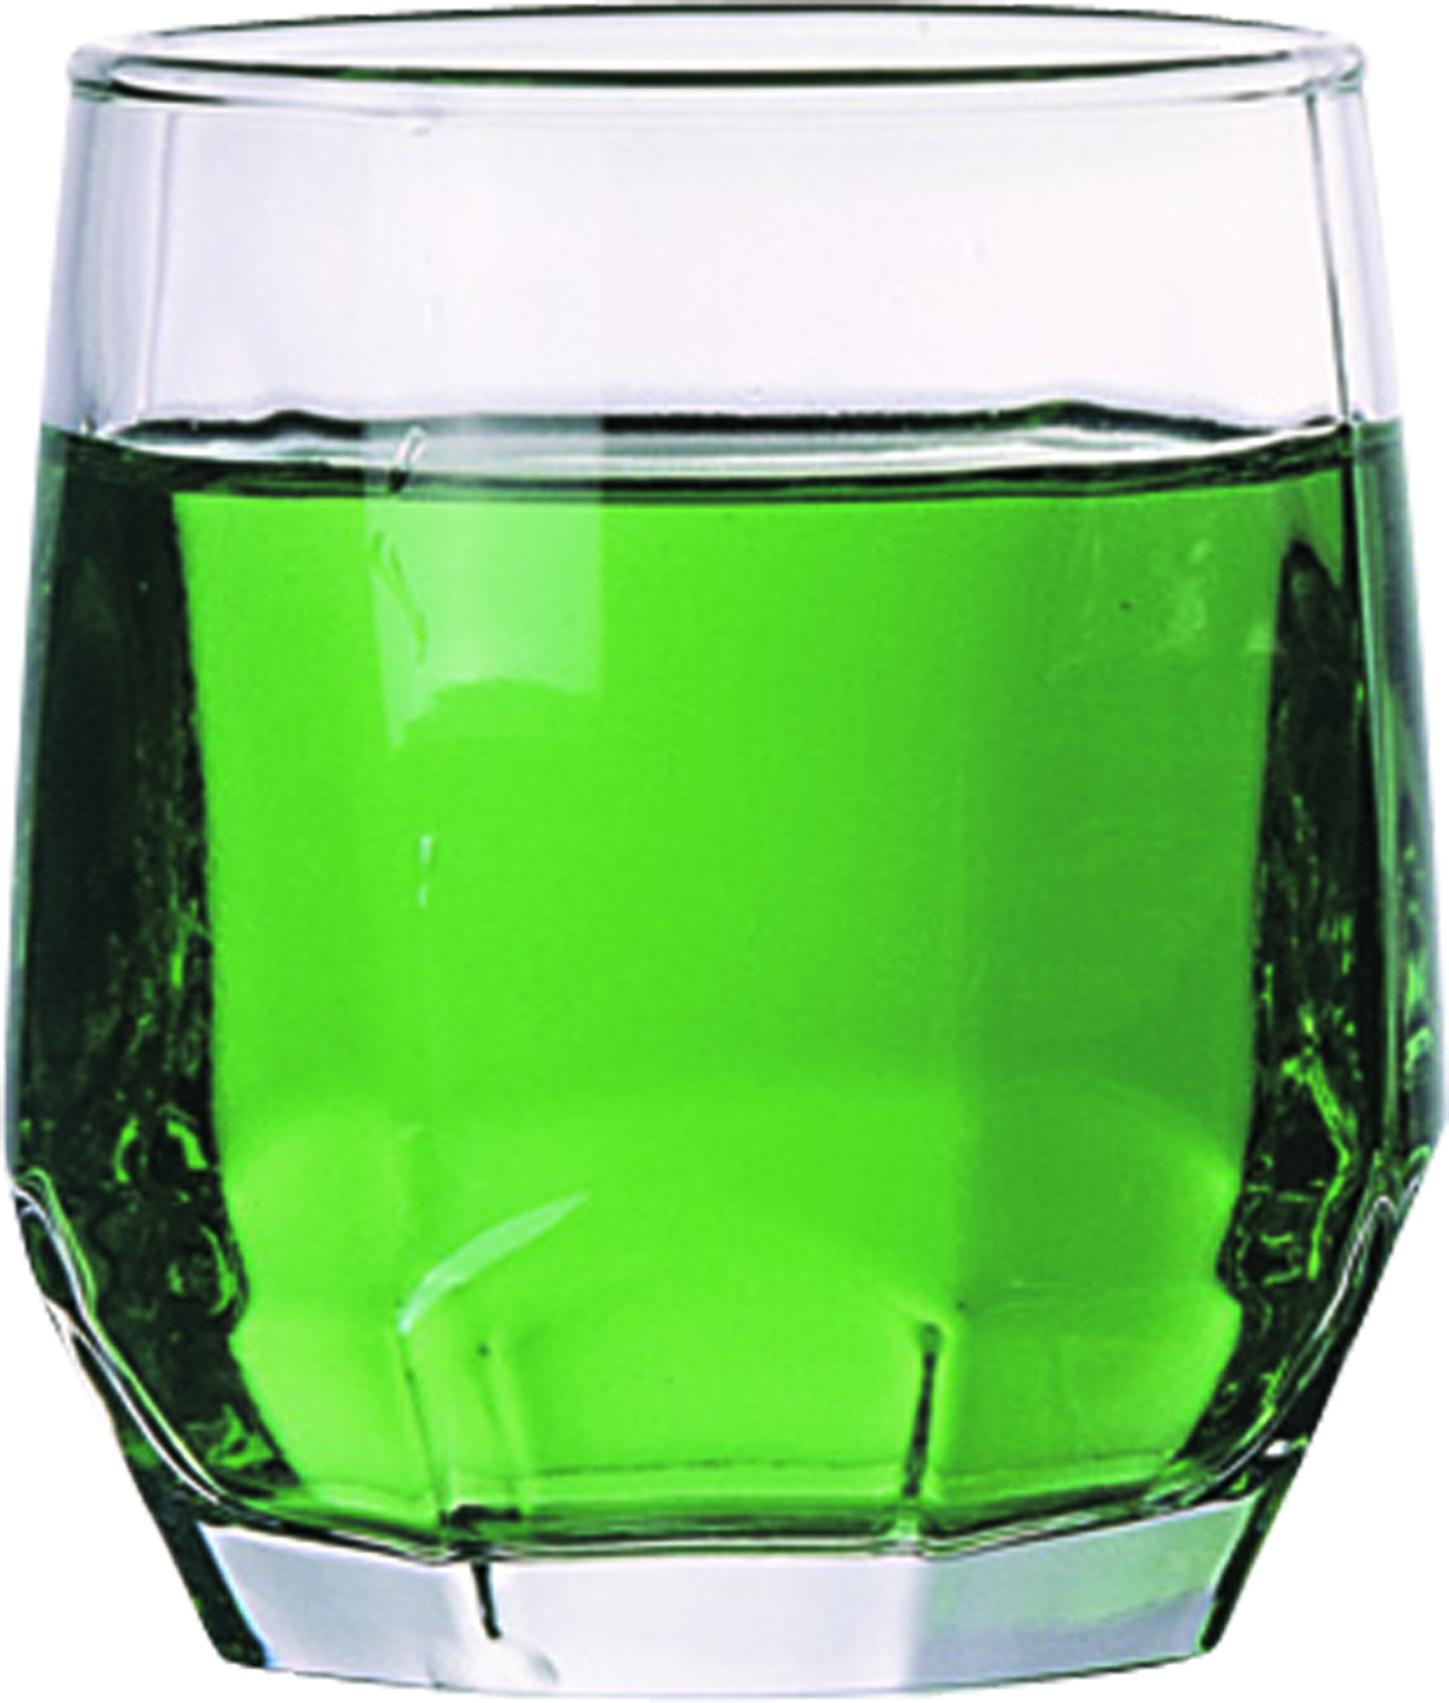 Ποτήρι Ουίσκυ Σετ 6τμχ Diamond 310ml IZ DIA/15 (Υλικό: Γυαλί, Χρώμα: Διάφανο ) – EVE – 4-IZ DIA/15